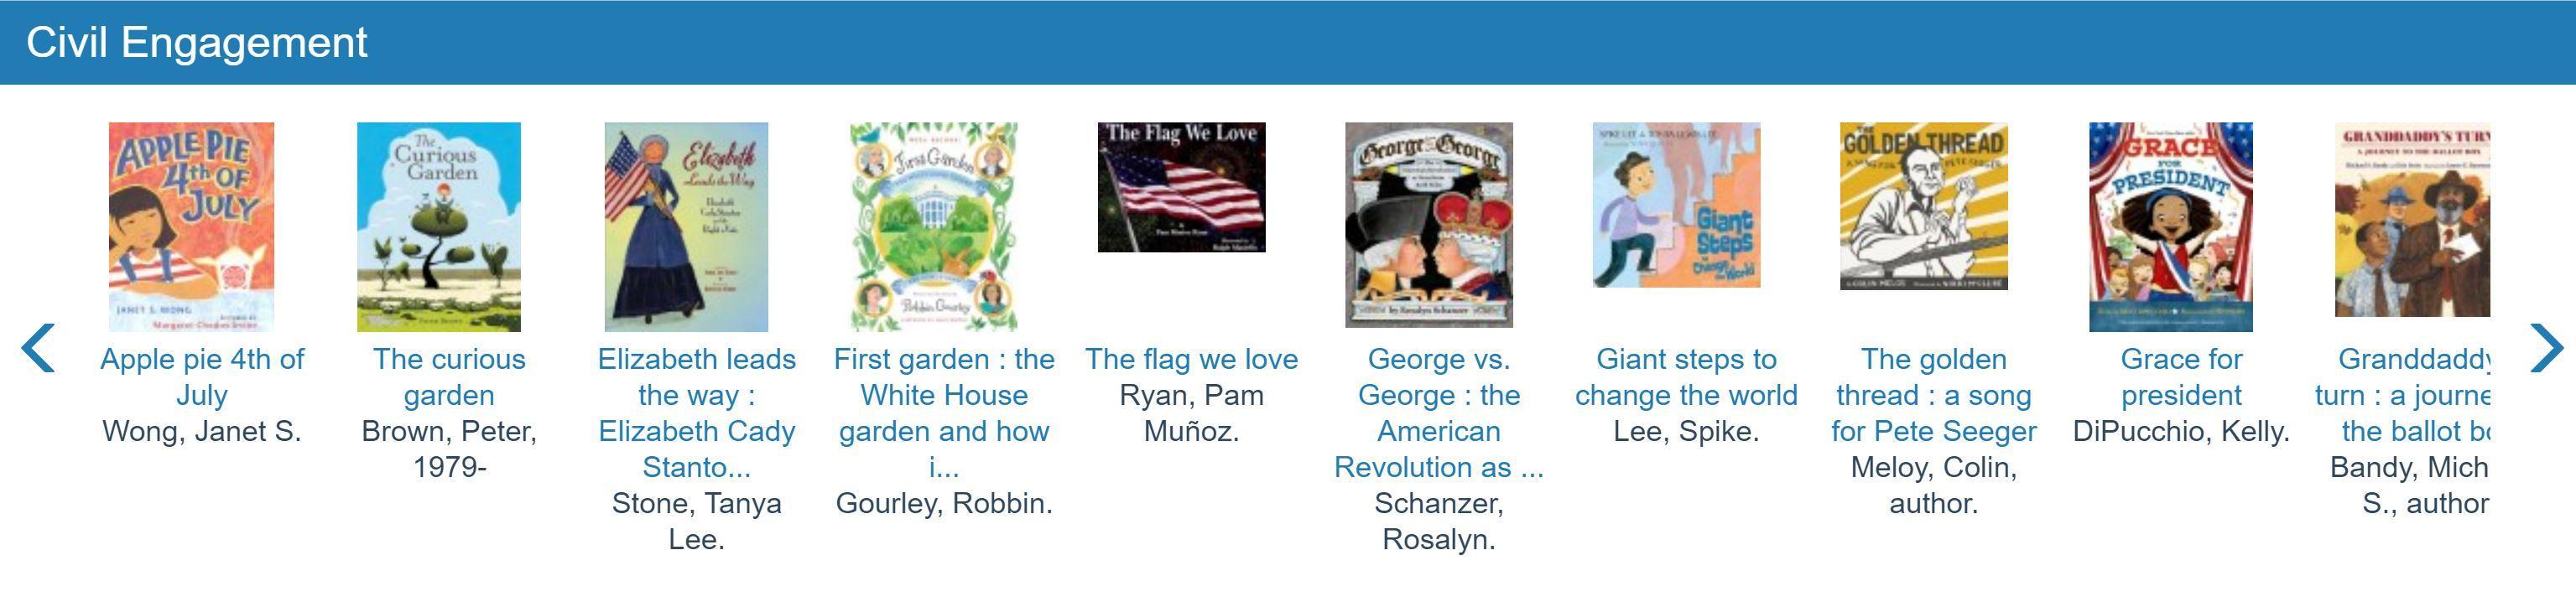 screen shot of civics books